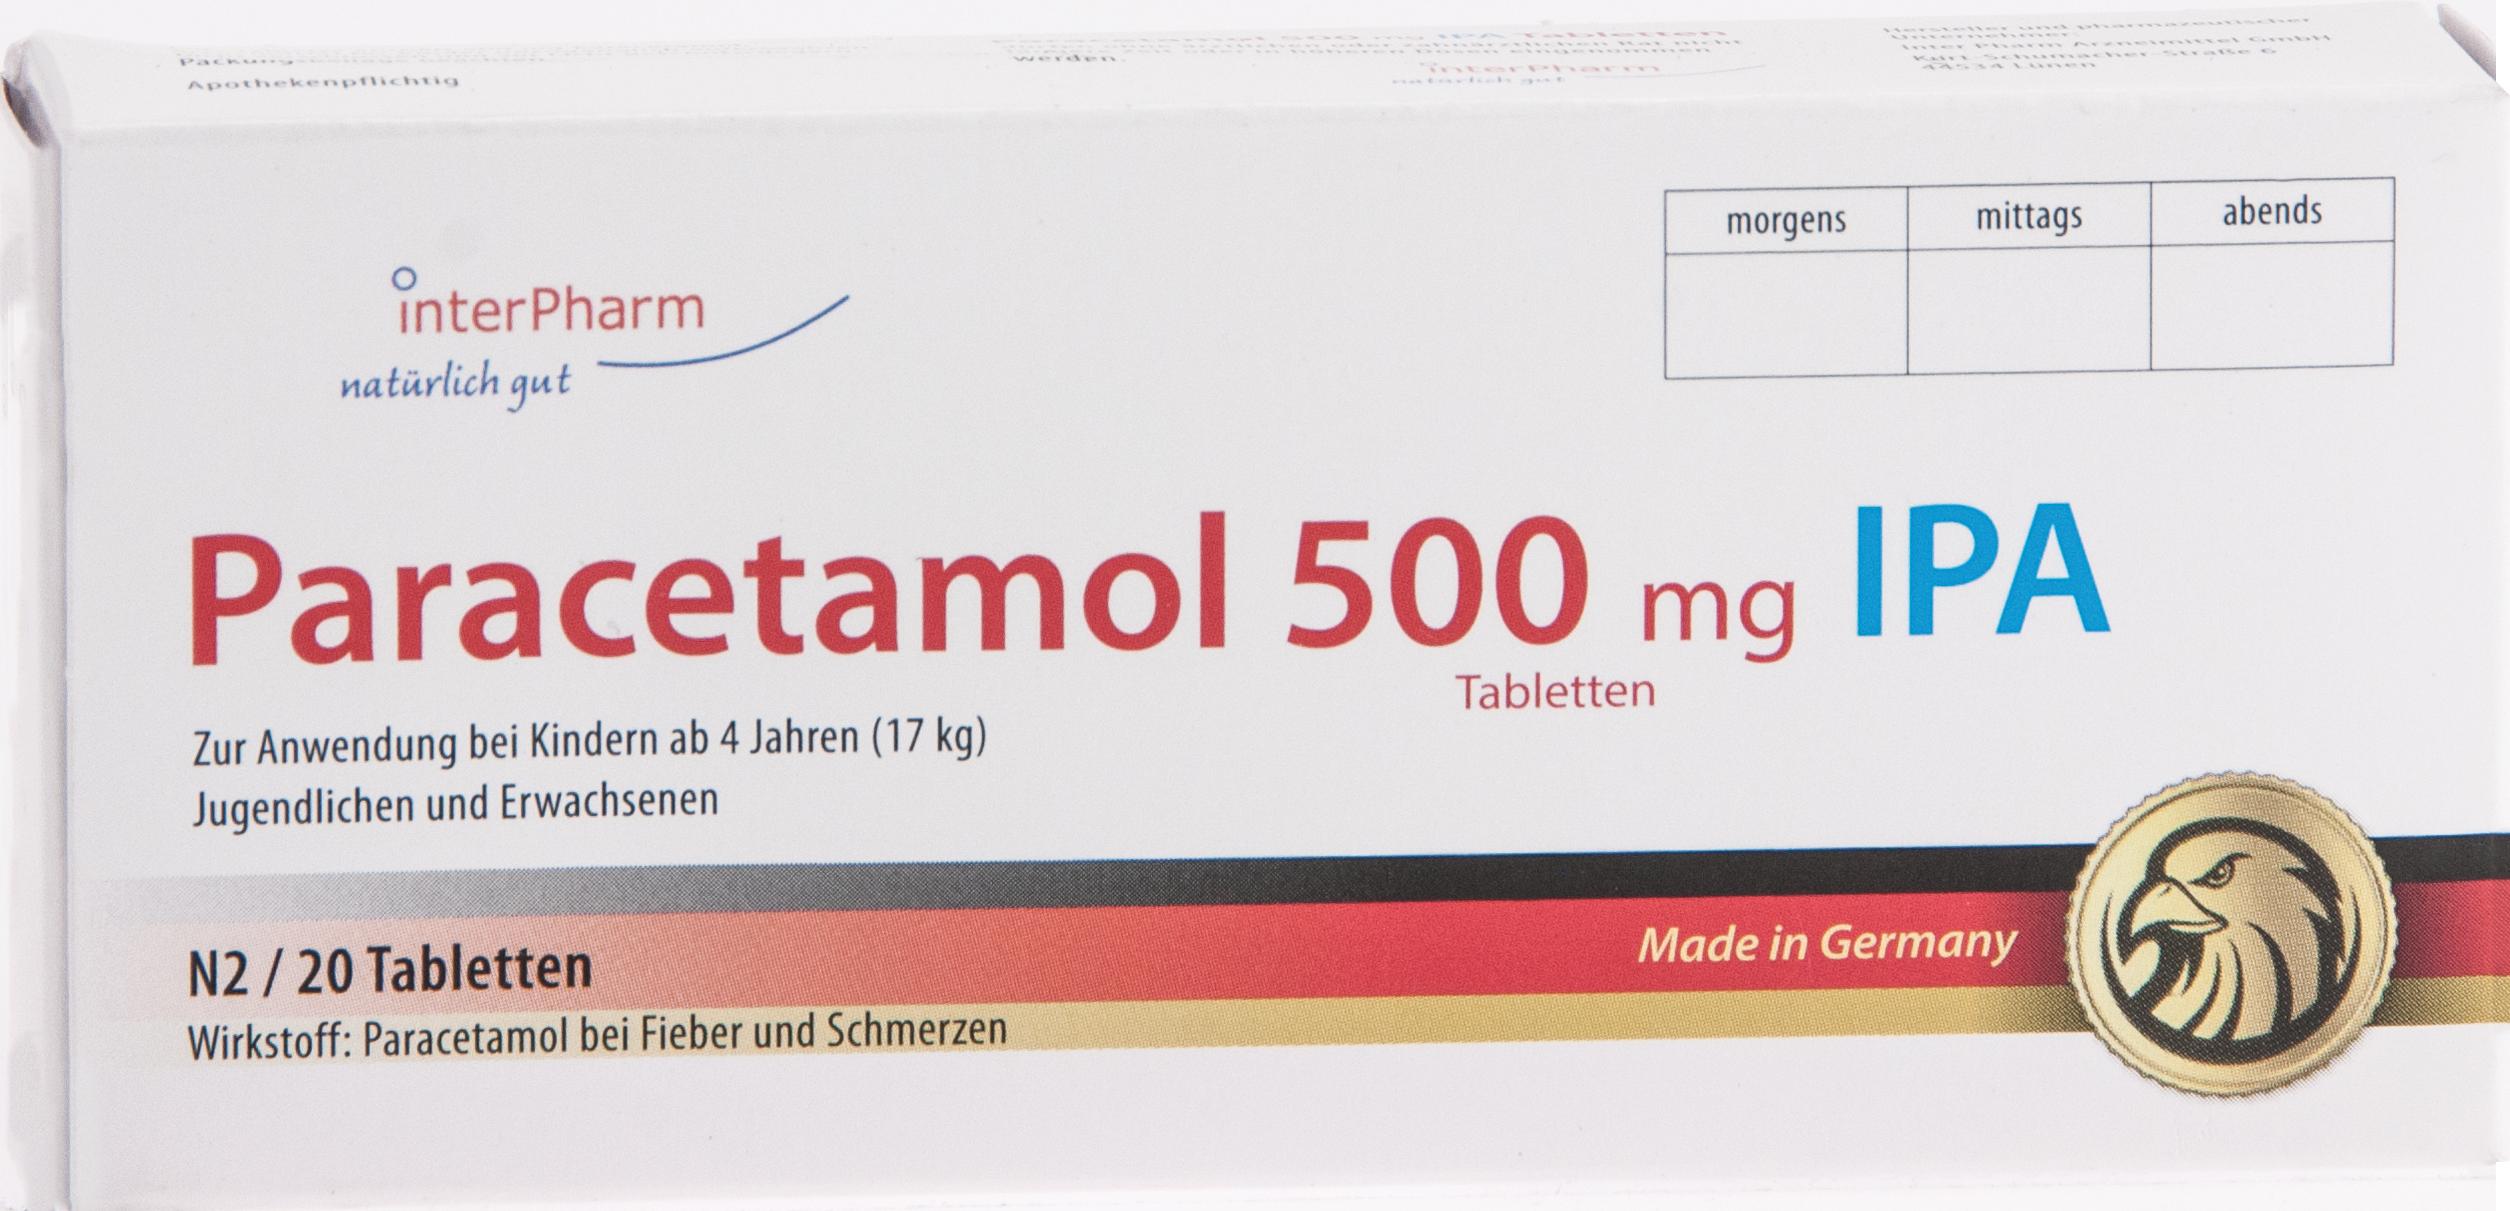 Paracetamol 500mg IPA